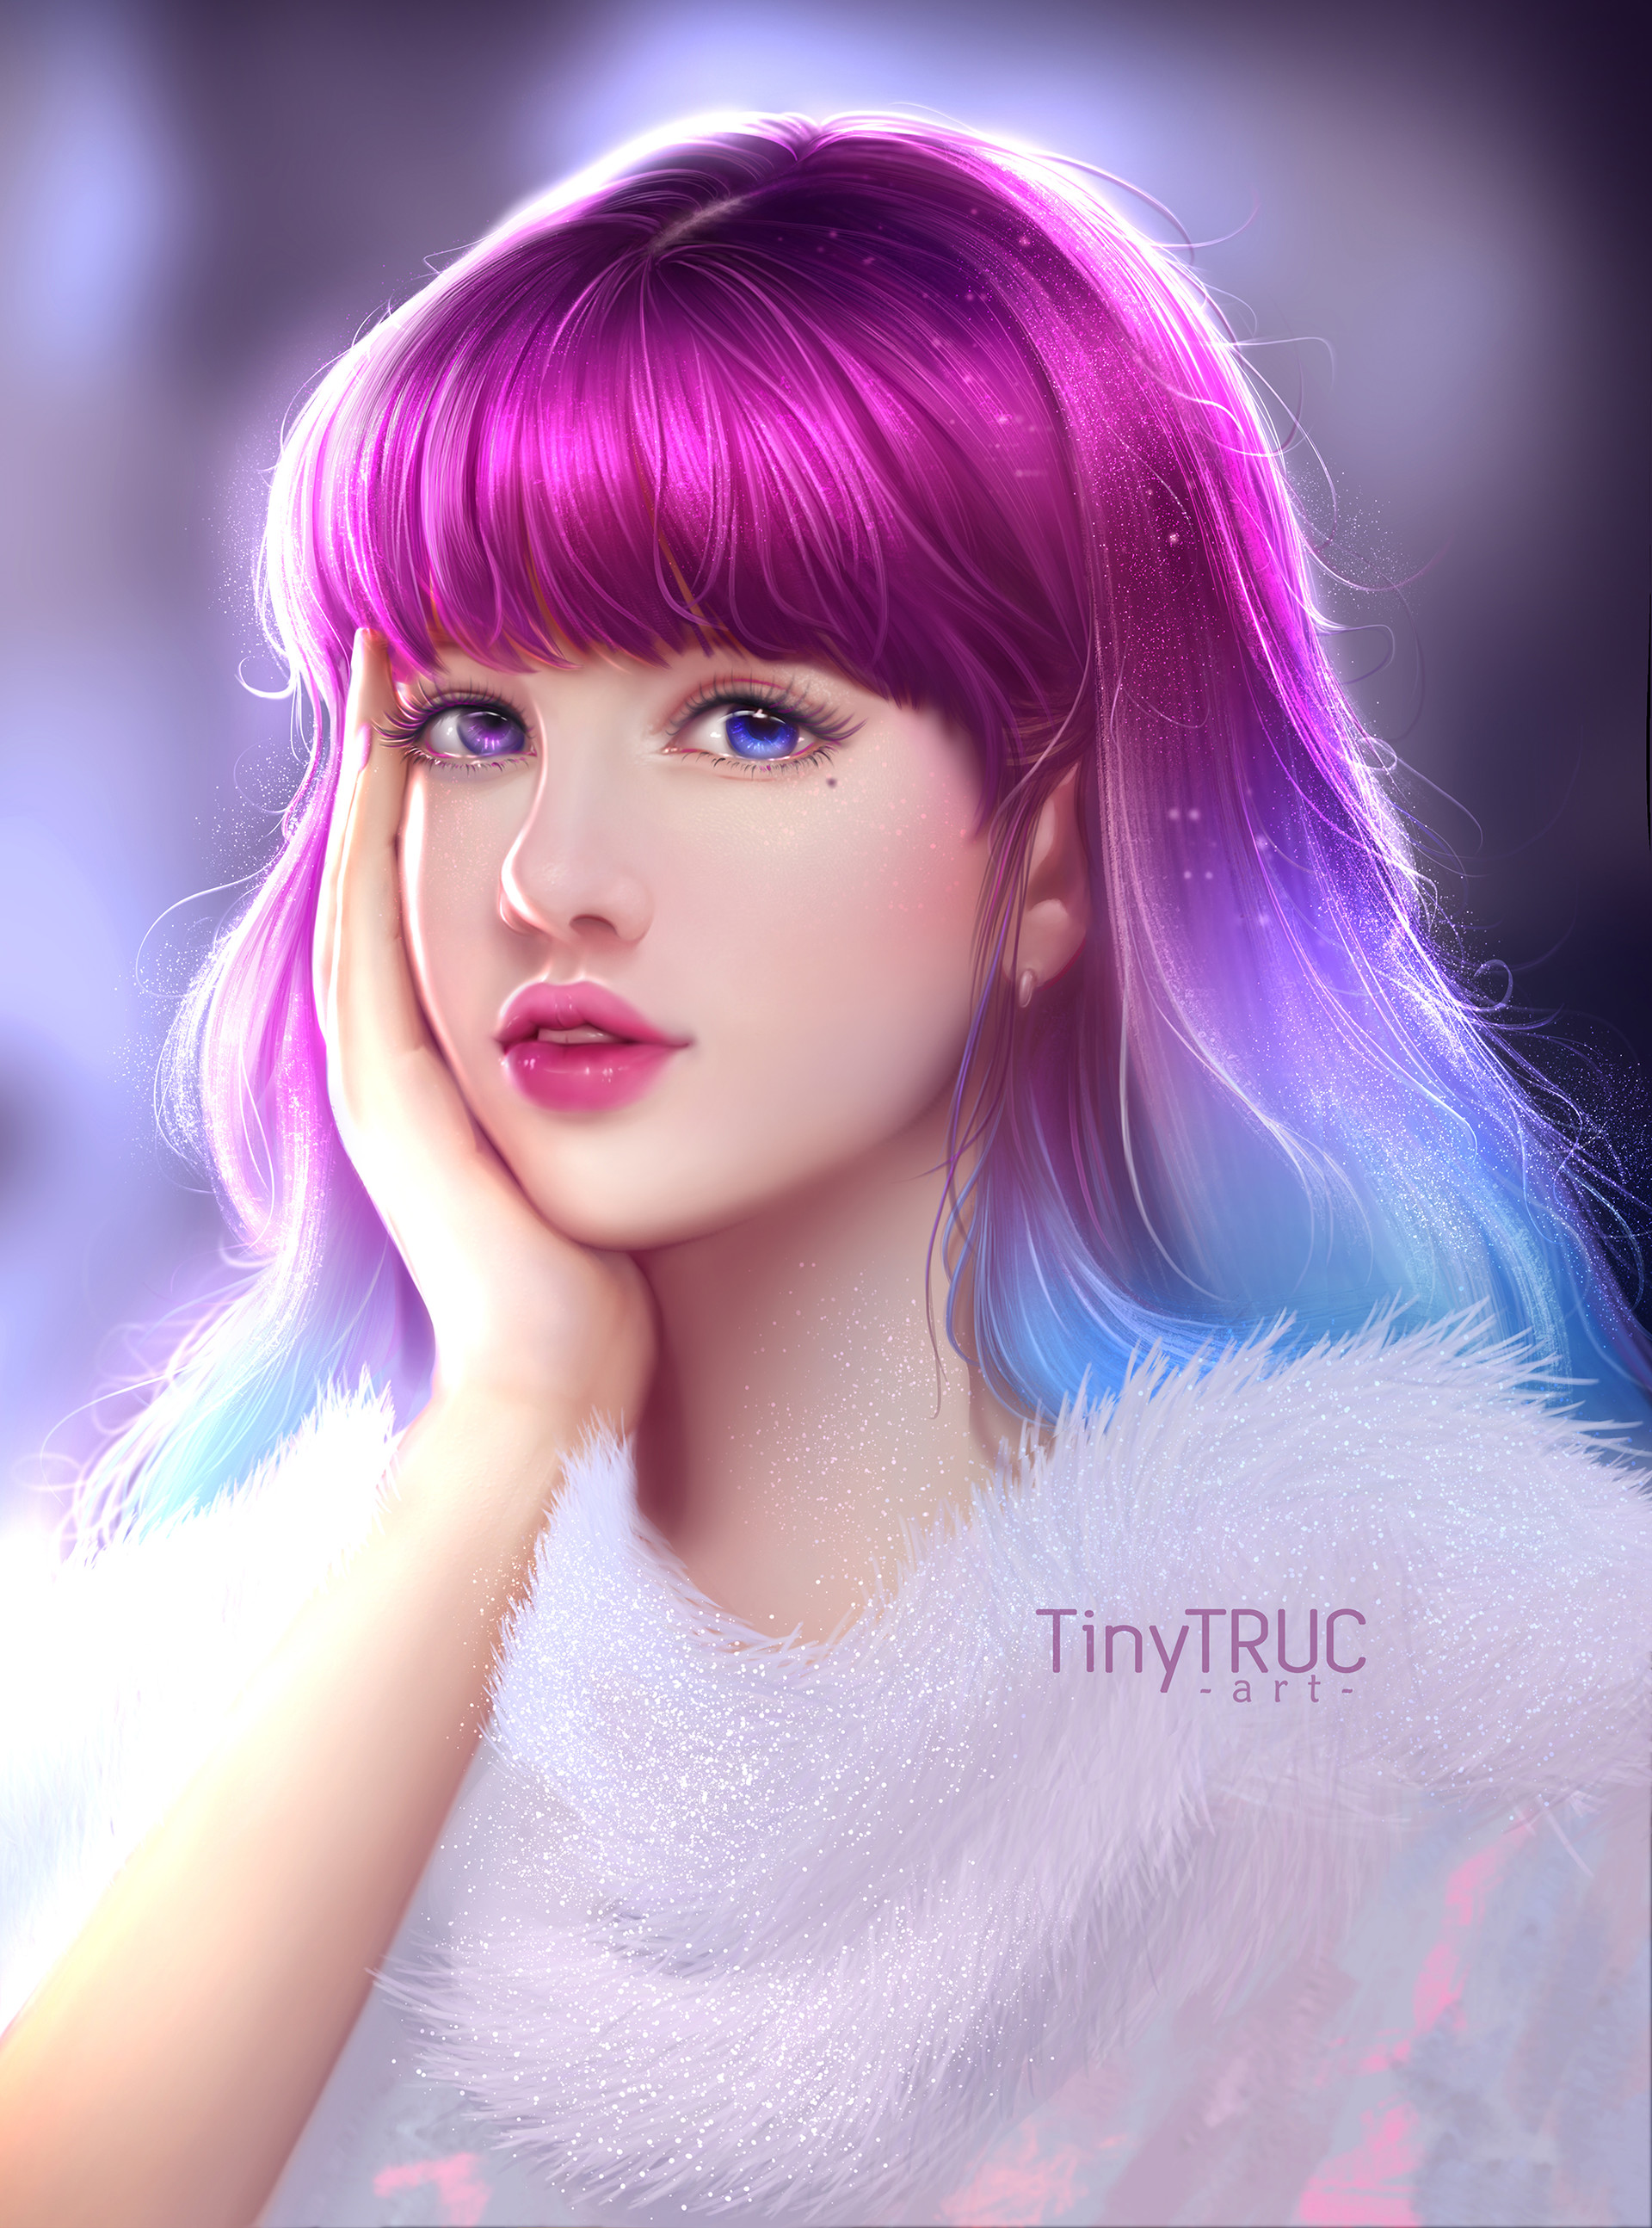 Artstation - Dreamy Girl, Tiny Truc-5037